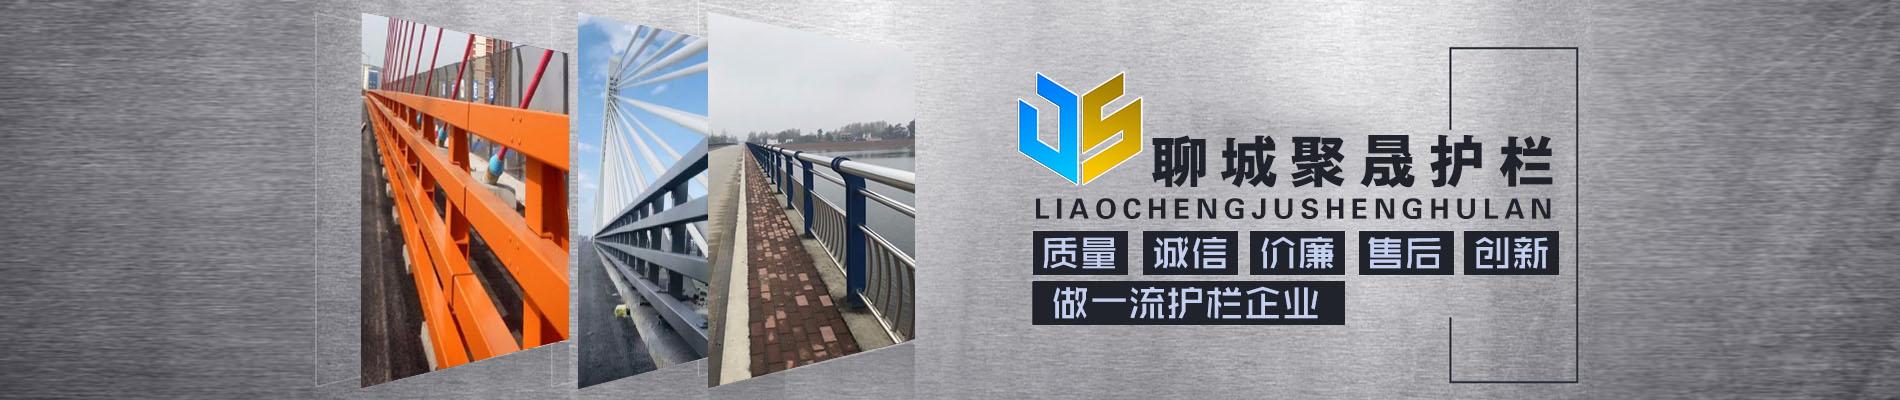 聊城市聚晟新材料科技有限公司